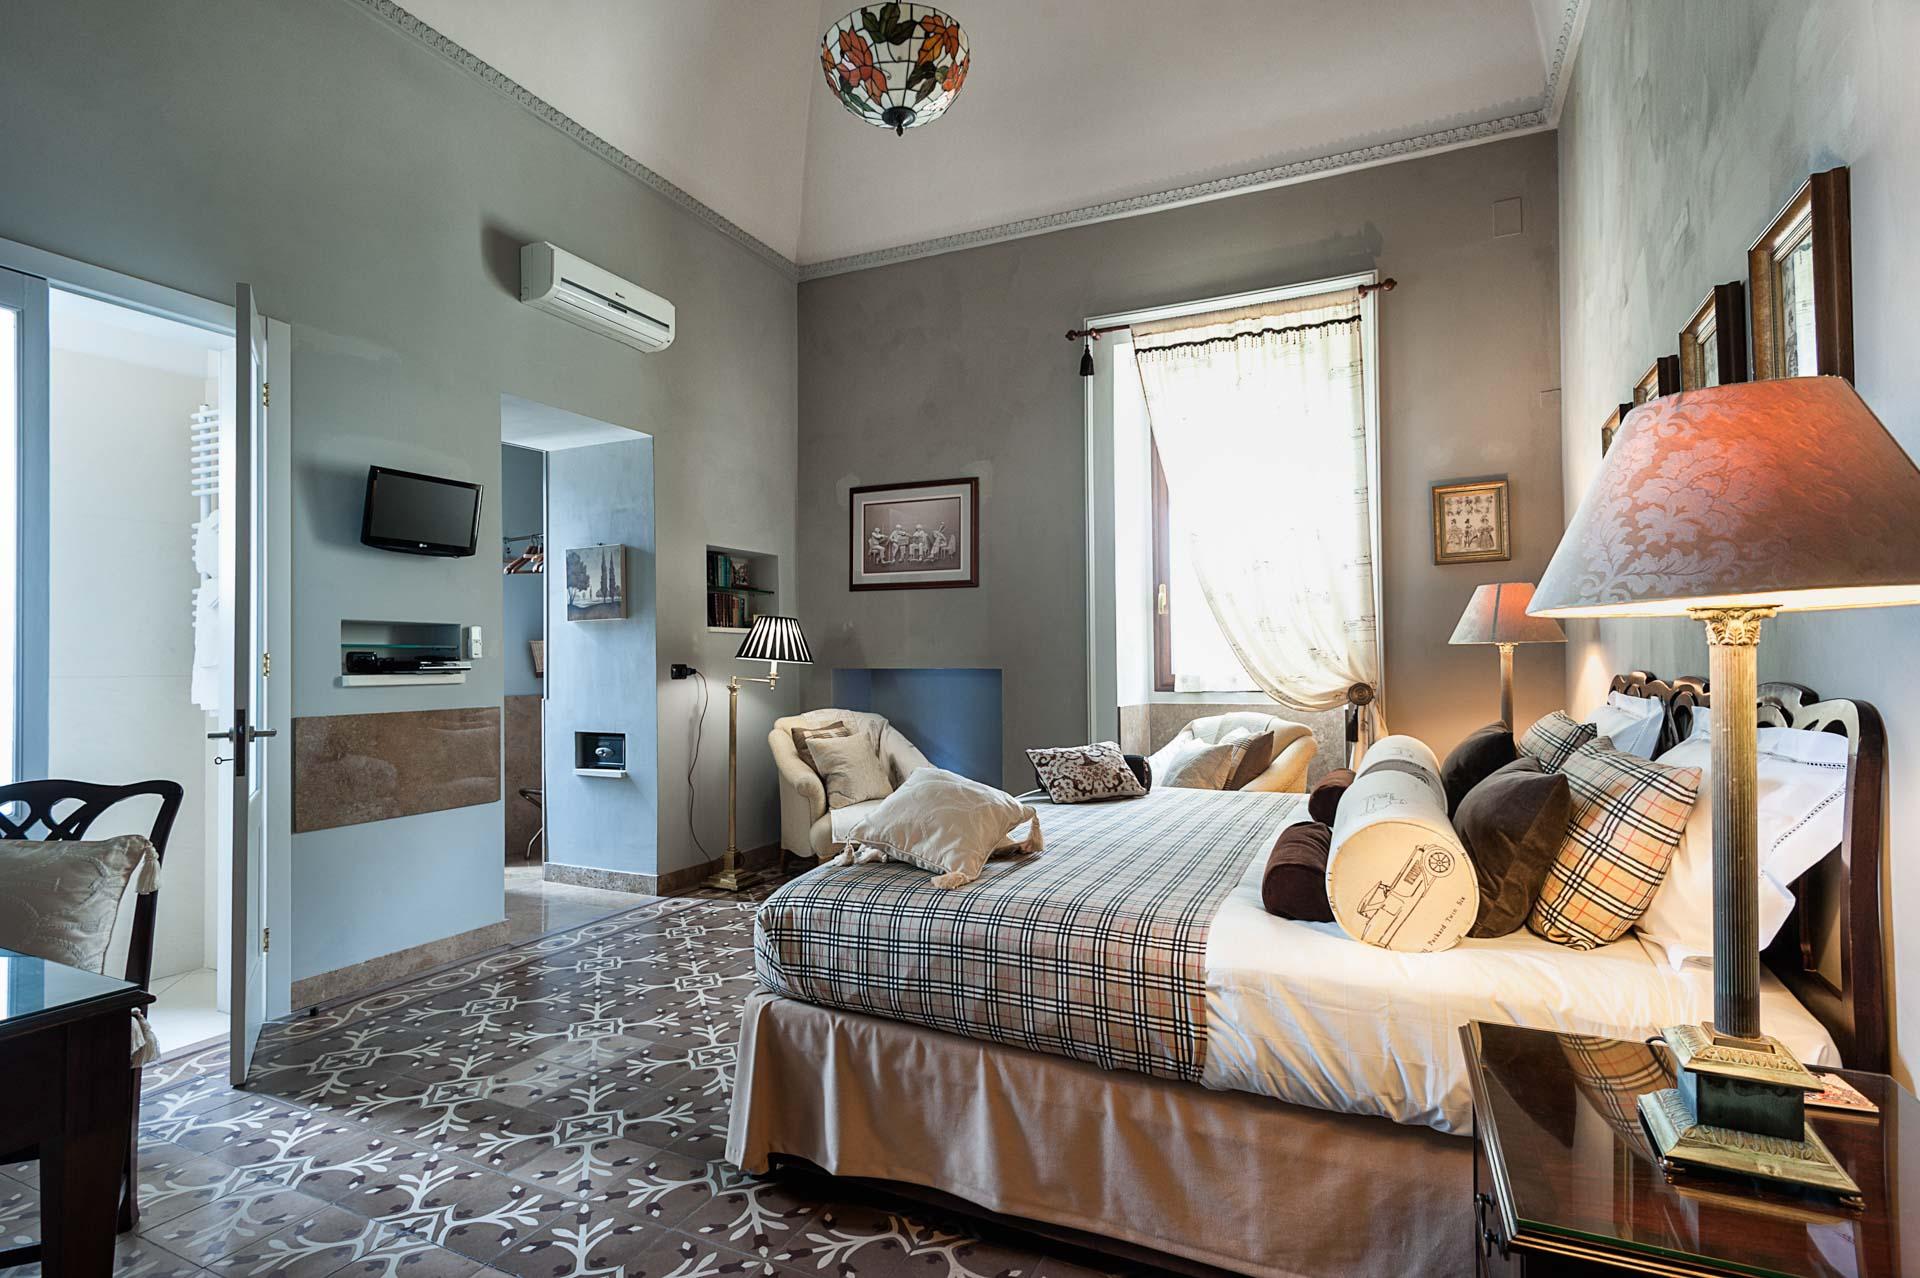 Camere Da Letto Arredate Vintage : Camere da letto arredate vintage arredare una camera da letto in